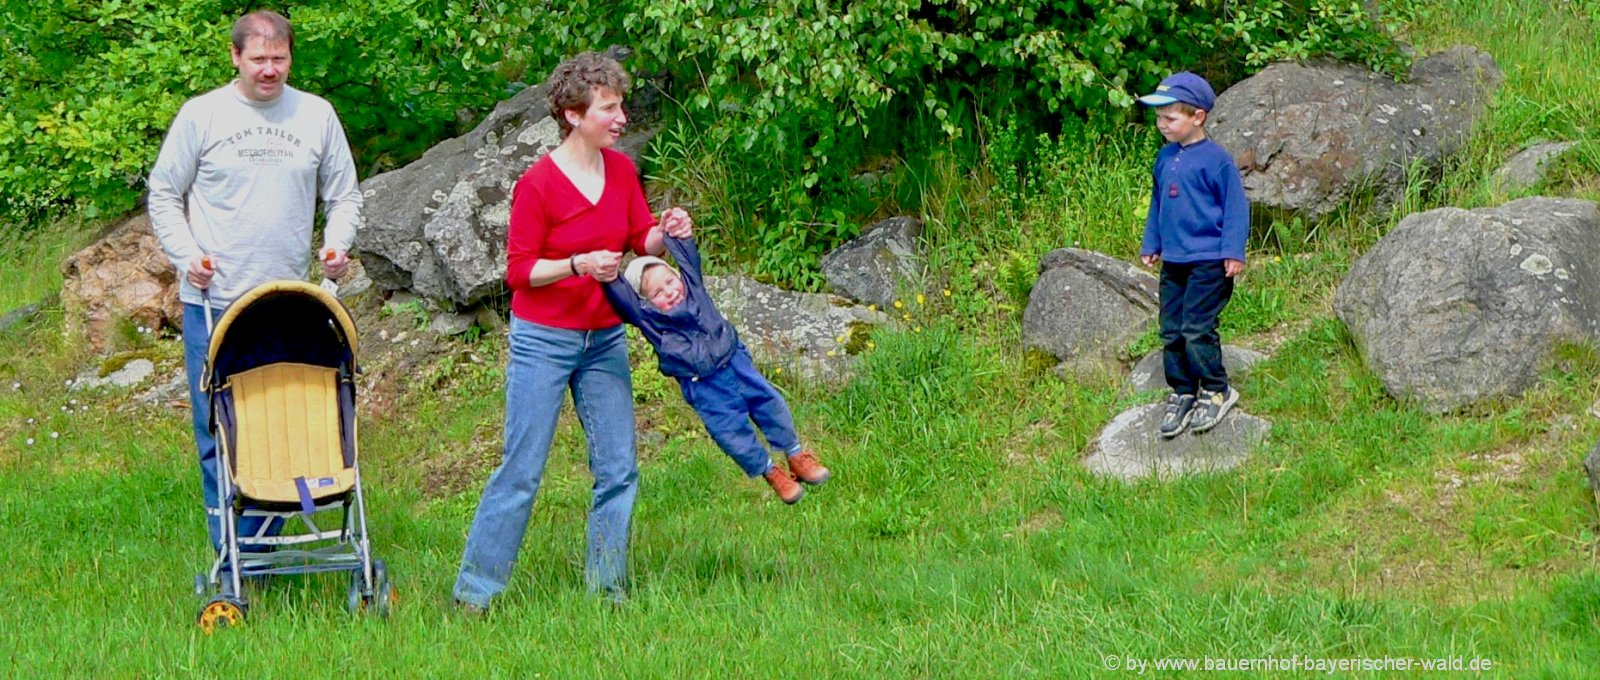 Bayerischer Wald günstiger Familienurlaub in Bayern